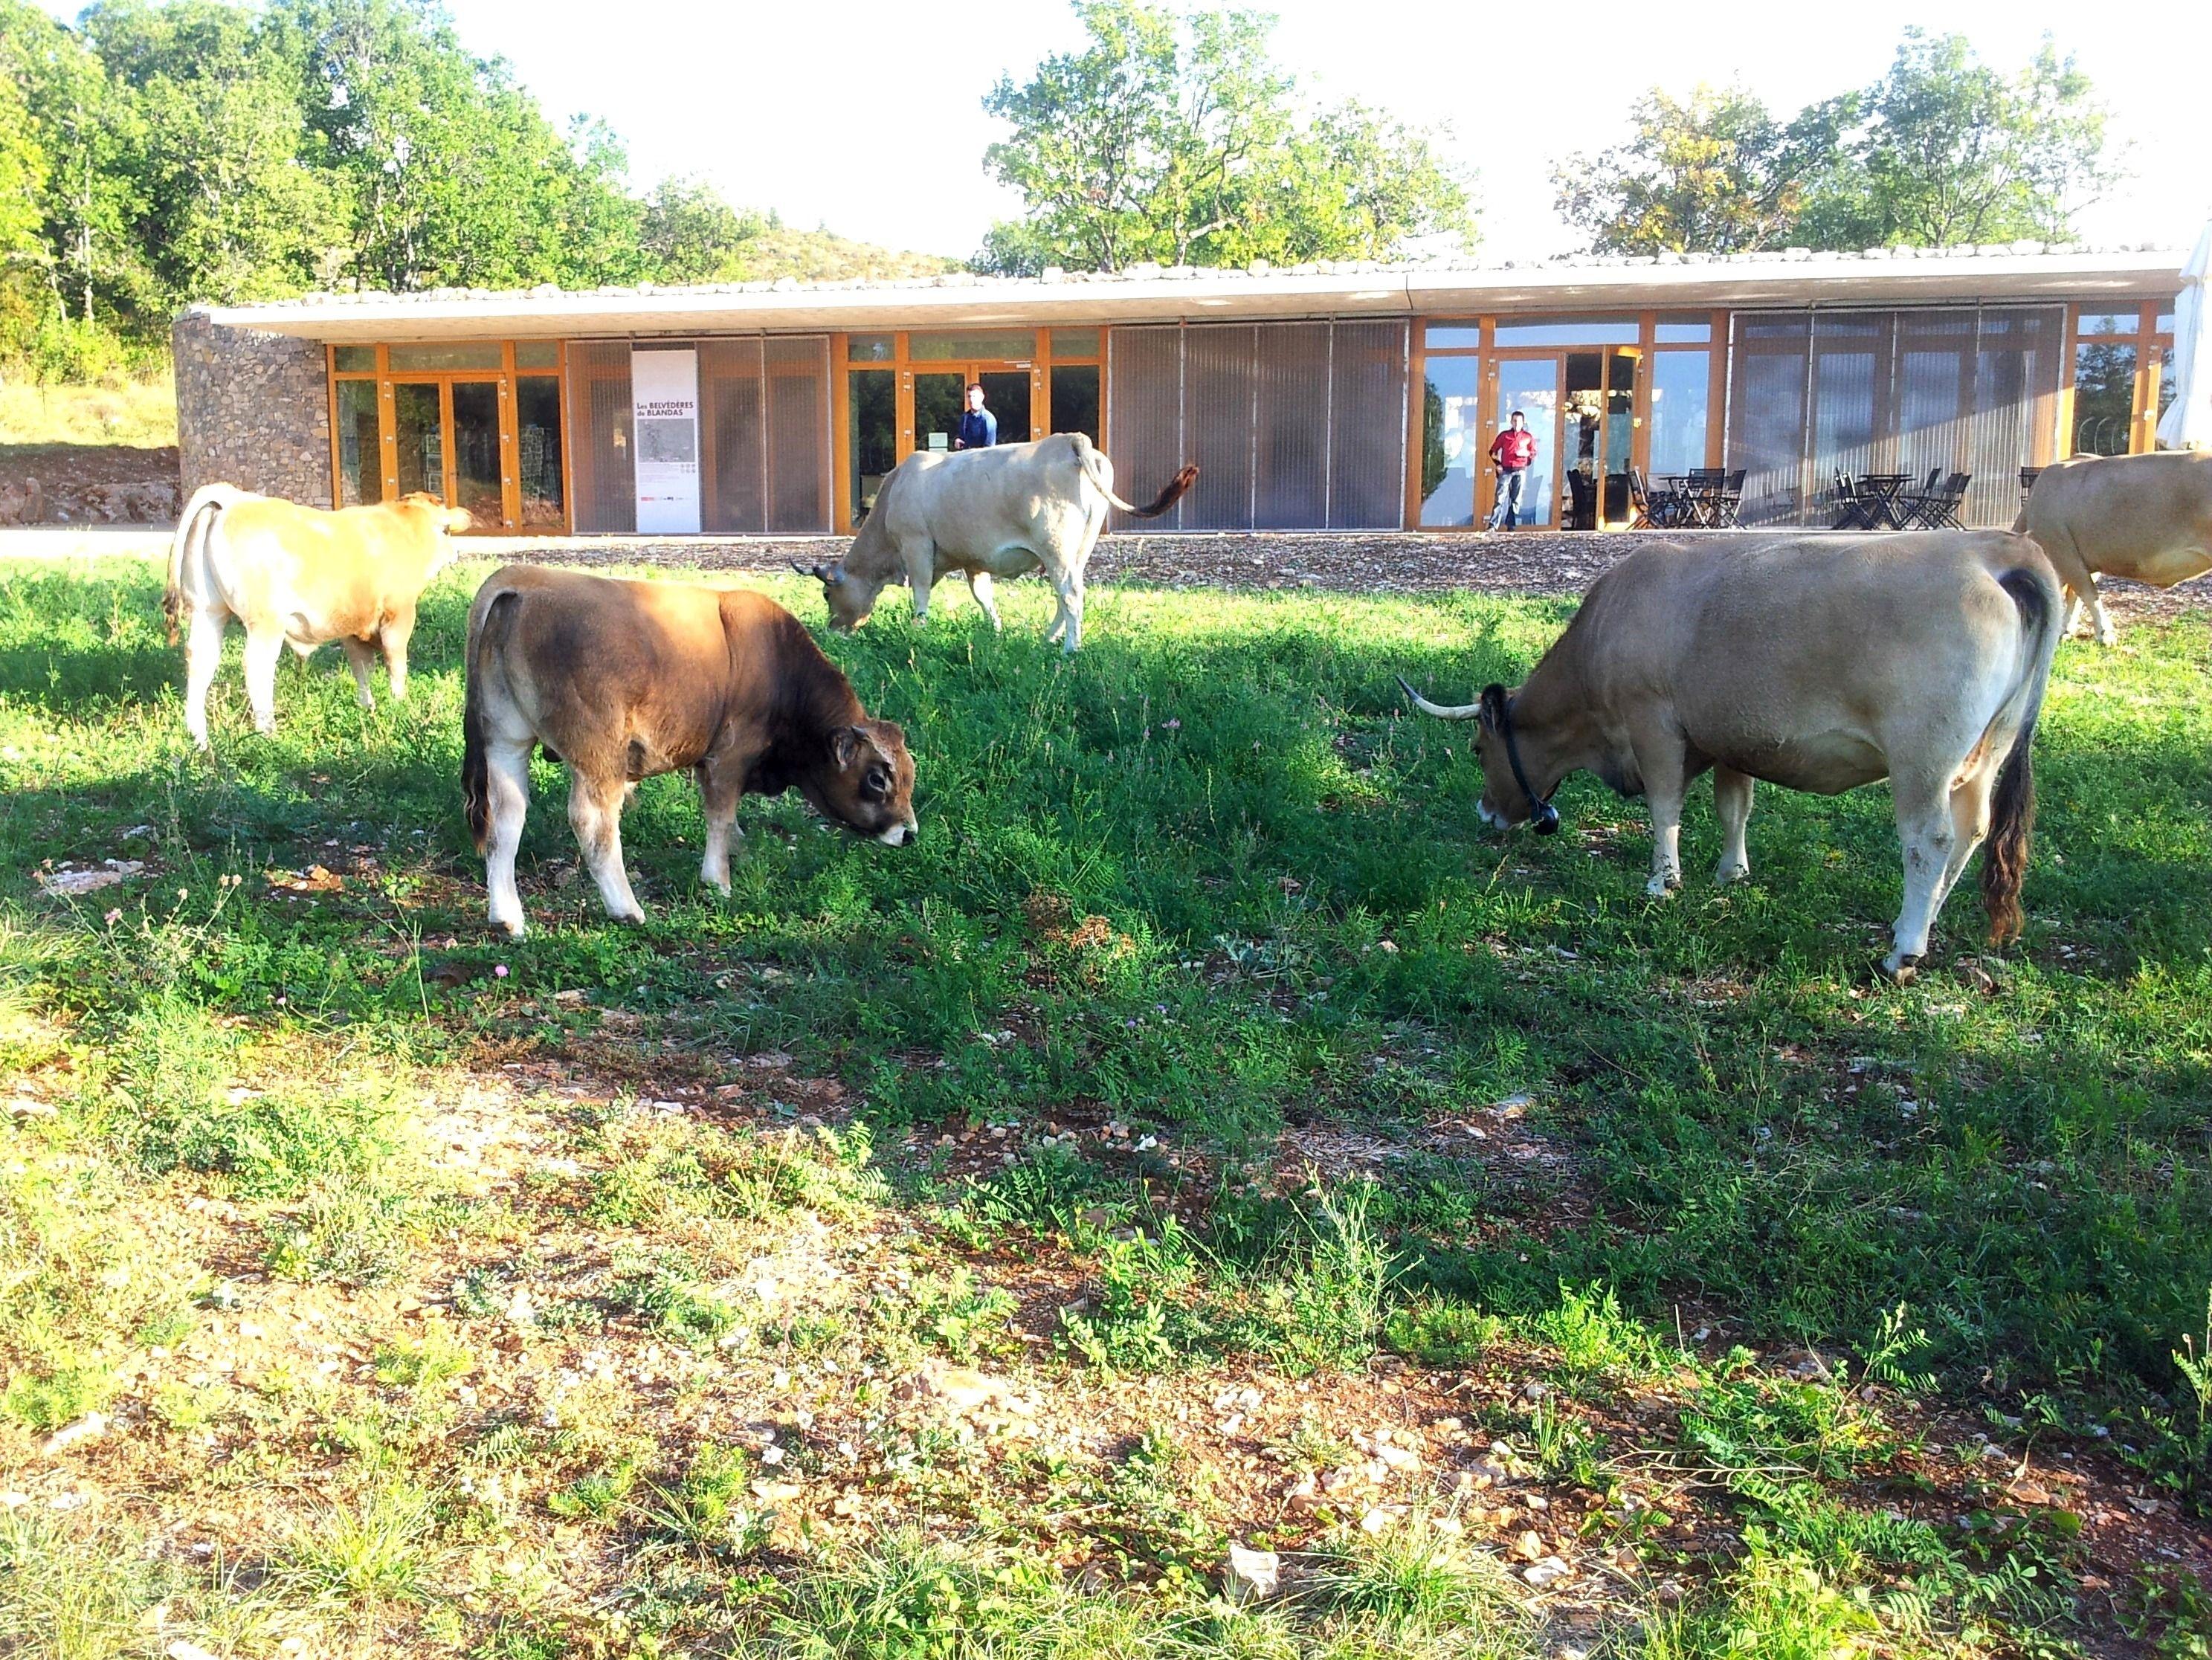 Agropastoralisme Cevennes, Chemin de randonnée et Vacances